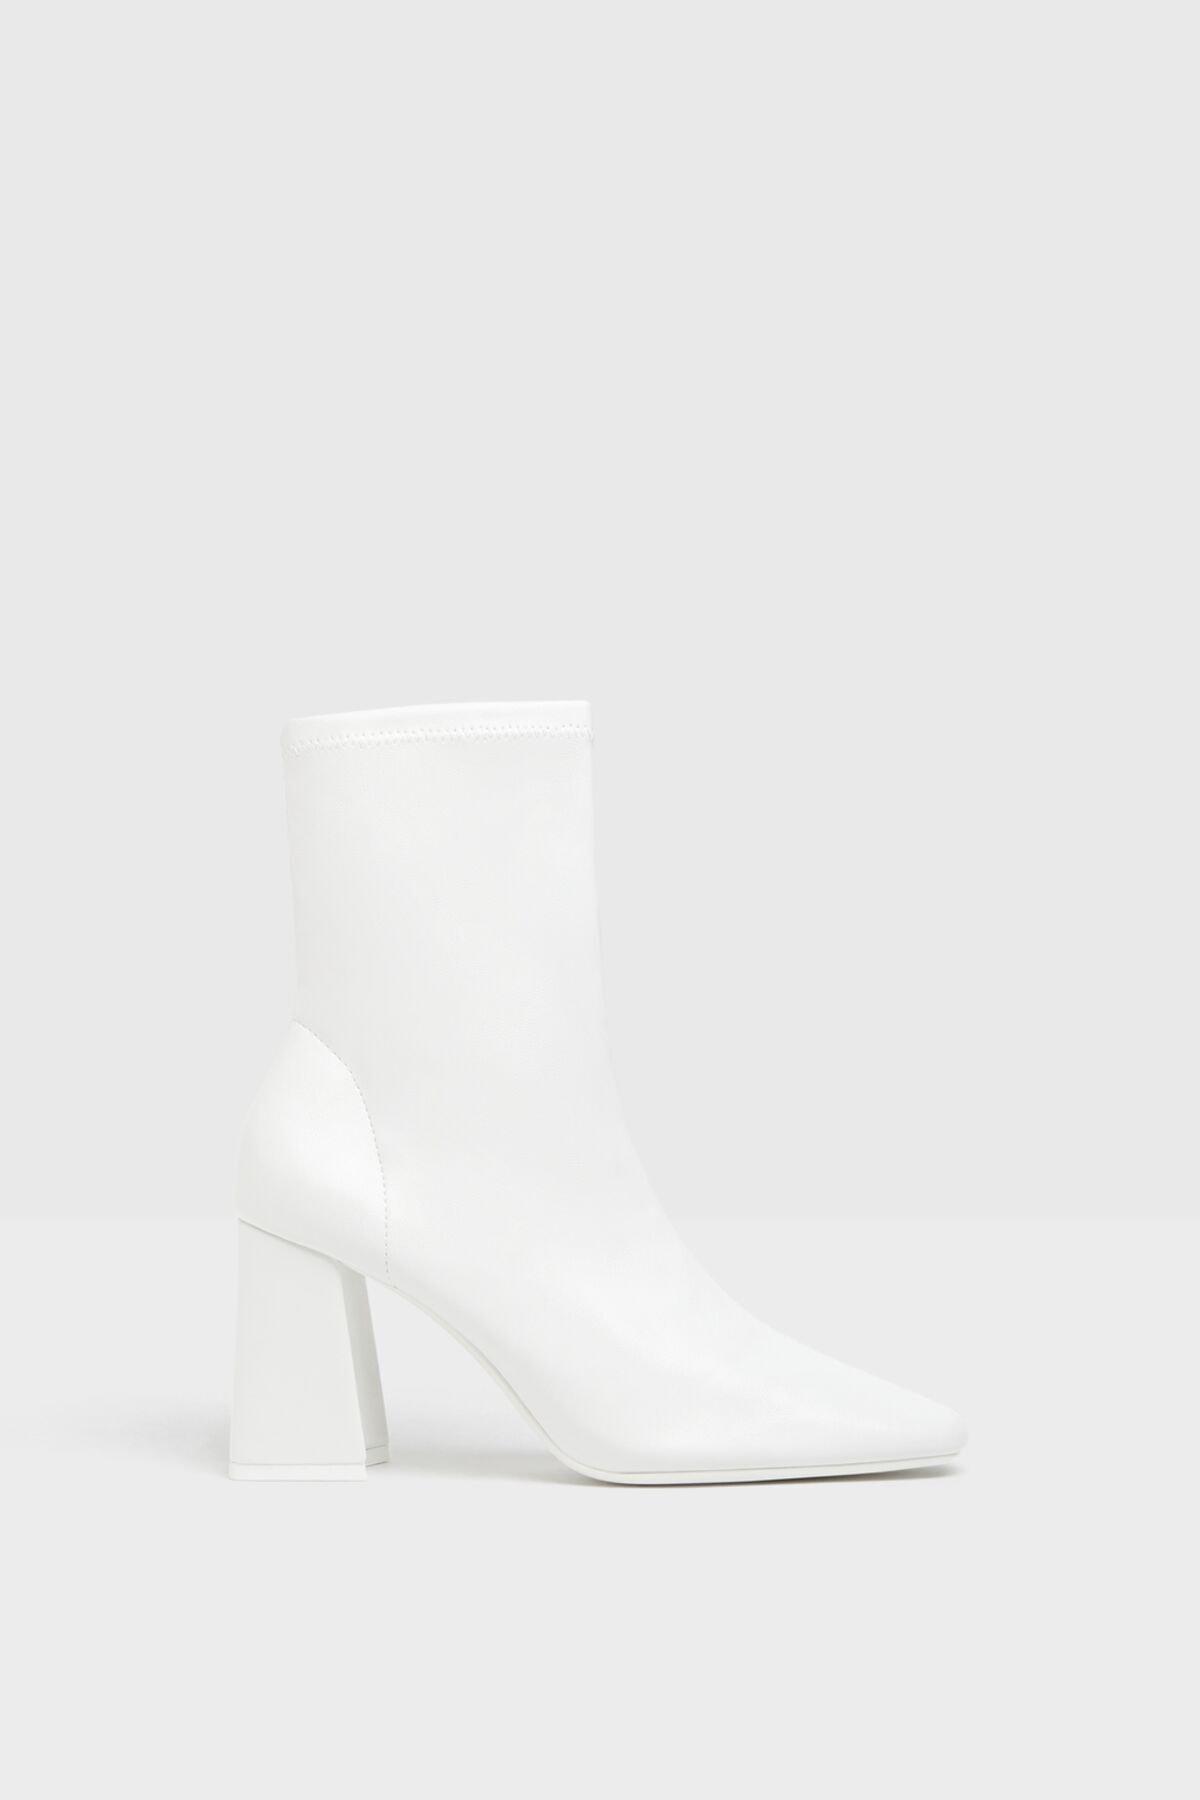 Bershka Kadın Beyaz Topuklu Streç Bilekte Bot 11125660 2